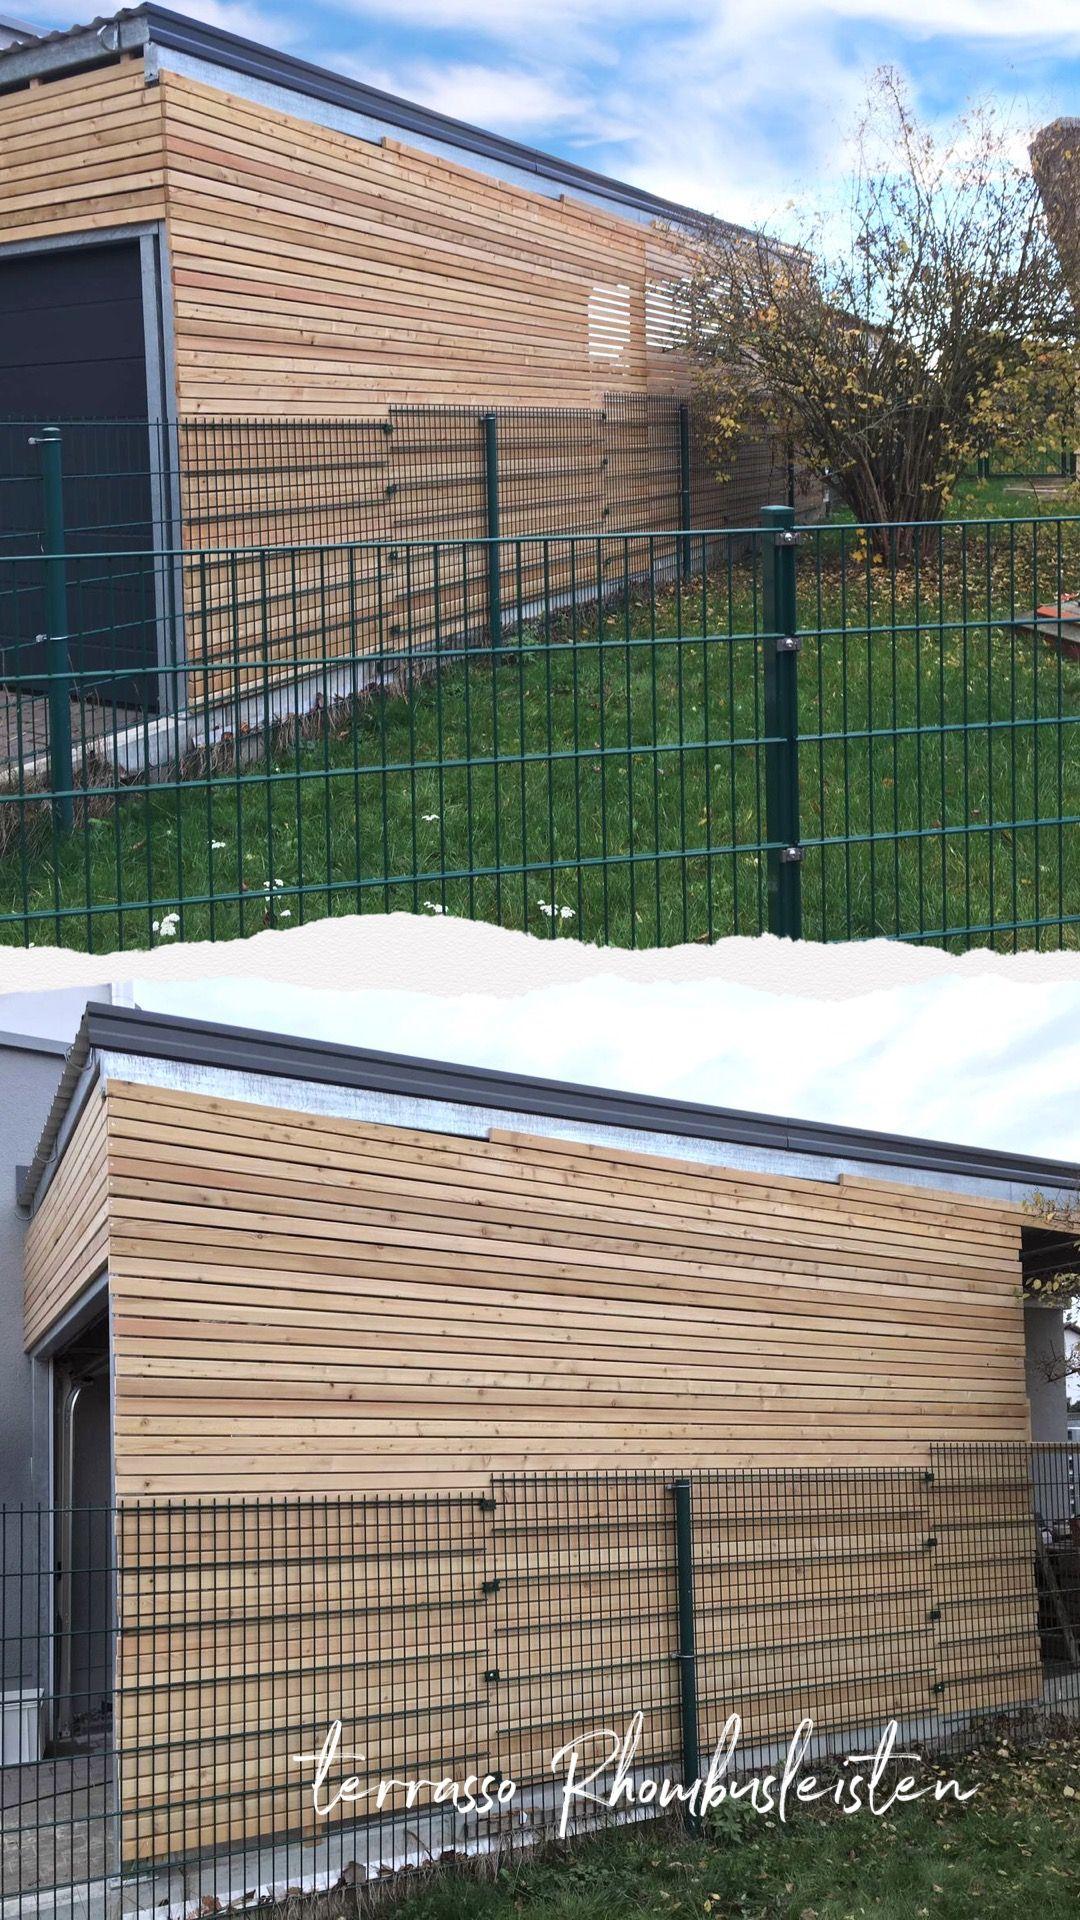 Sibirische Larche Rhombusleisten Rhombusprofil Fur Ihre Fassade